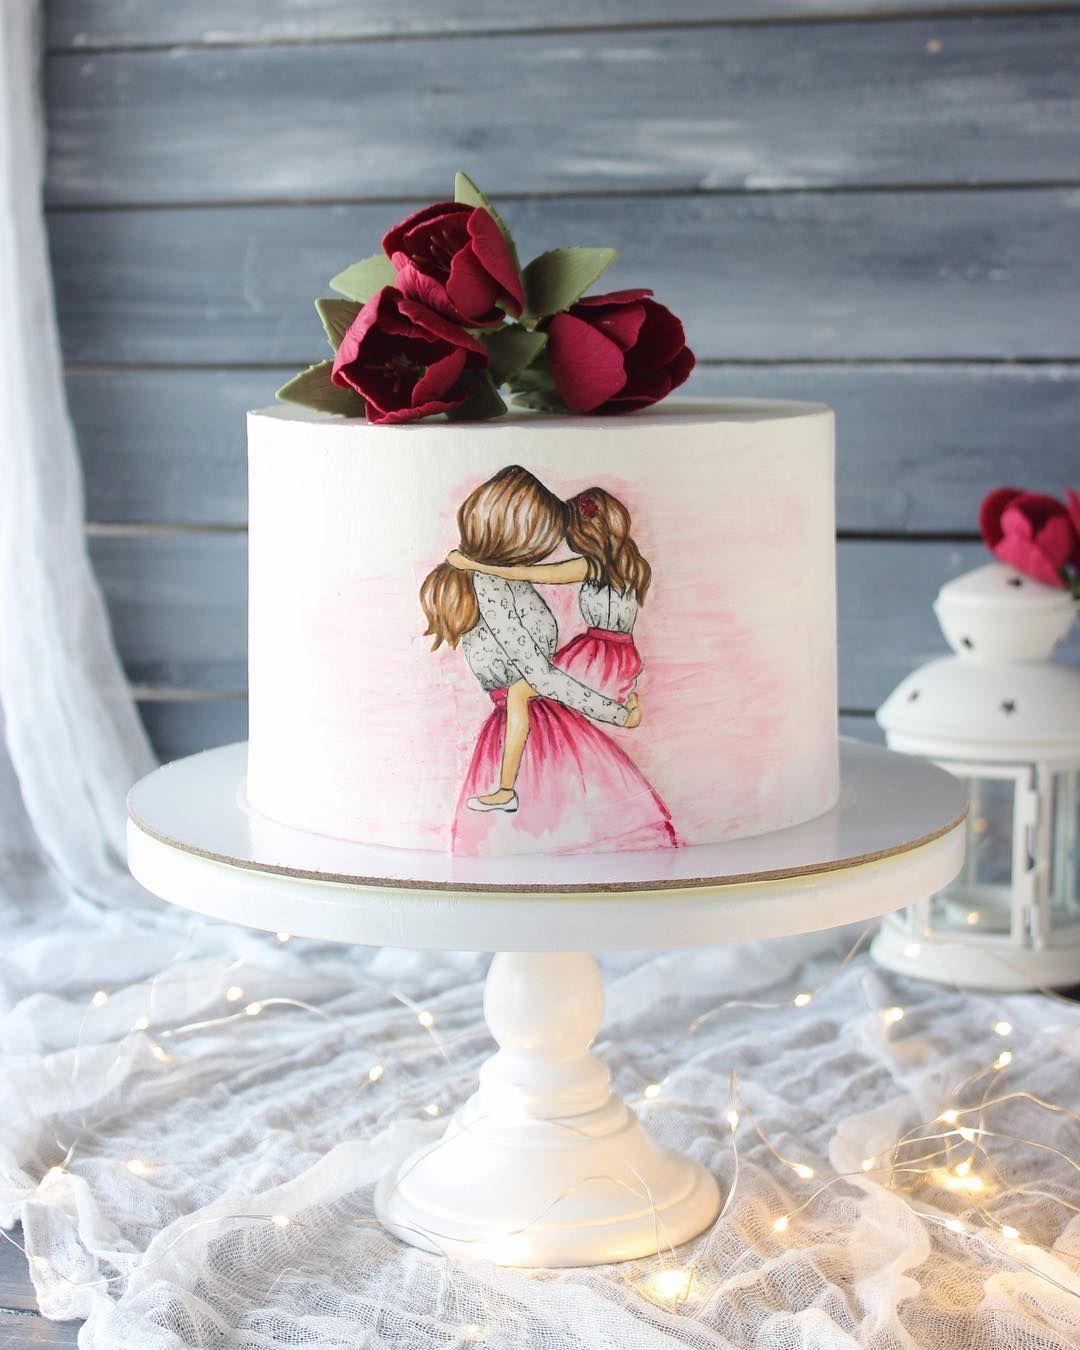 Нет описания фото. | Художественные торты, Тематические ...